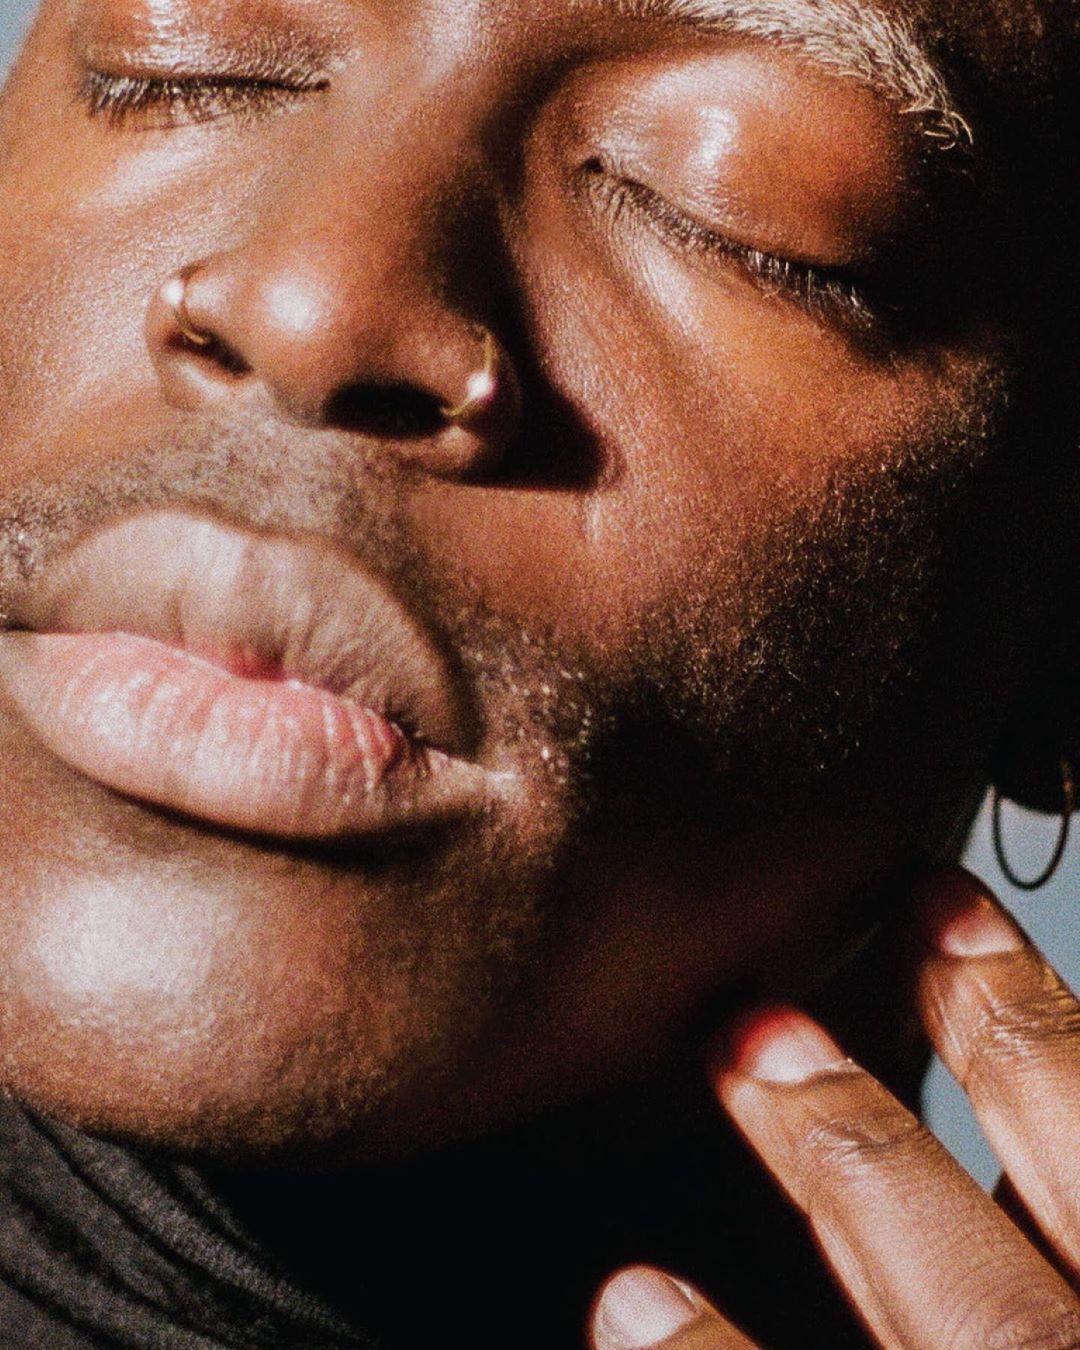 7 lanzamientos recientes que debes escuchar: Moses Sumney + Tame Impala + Biig Piig y más